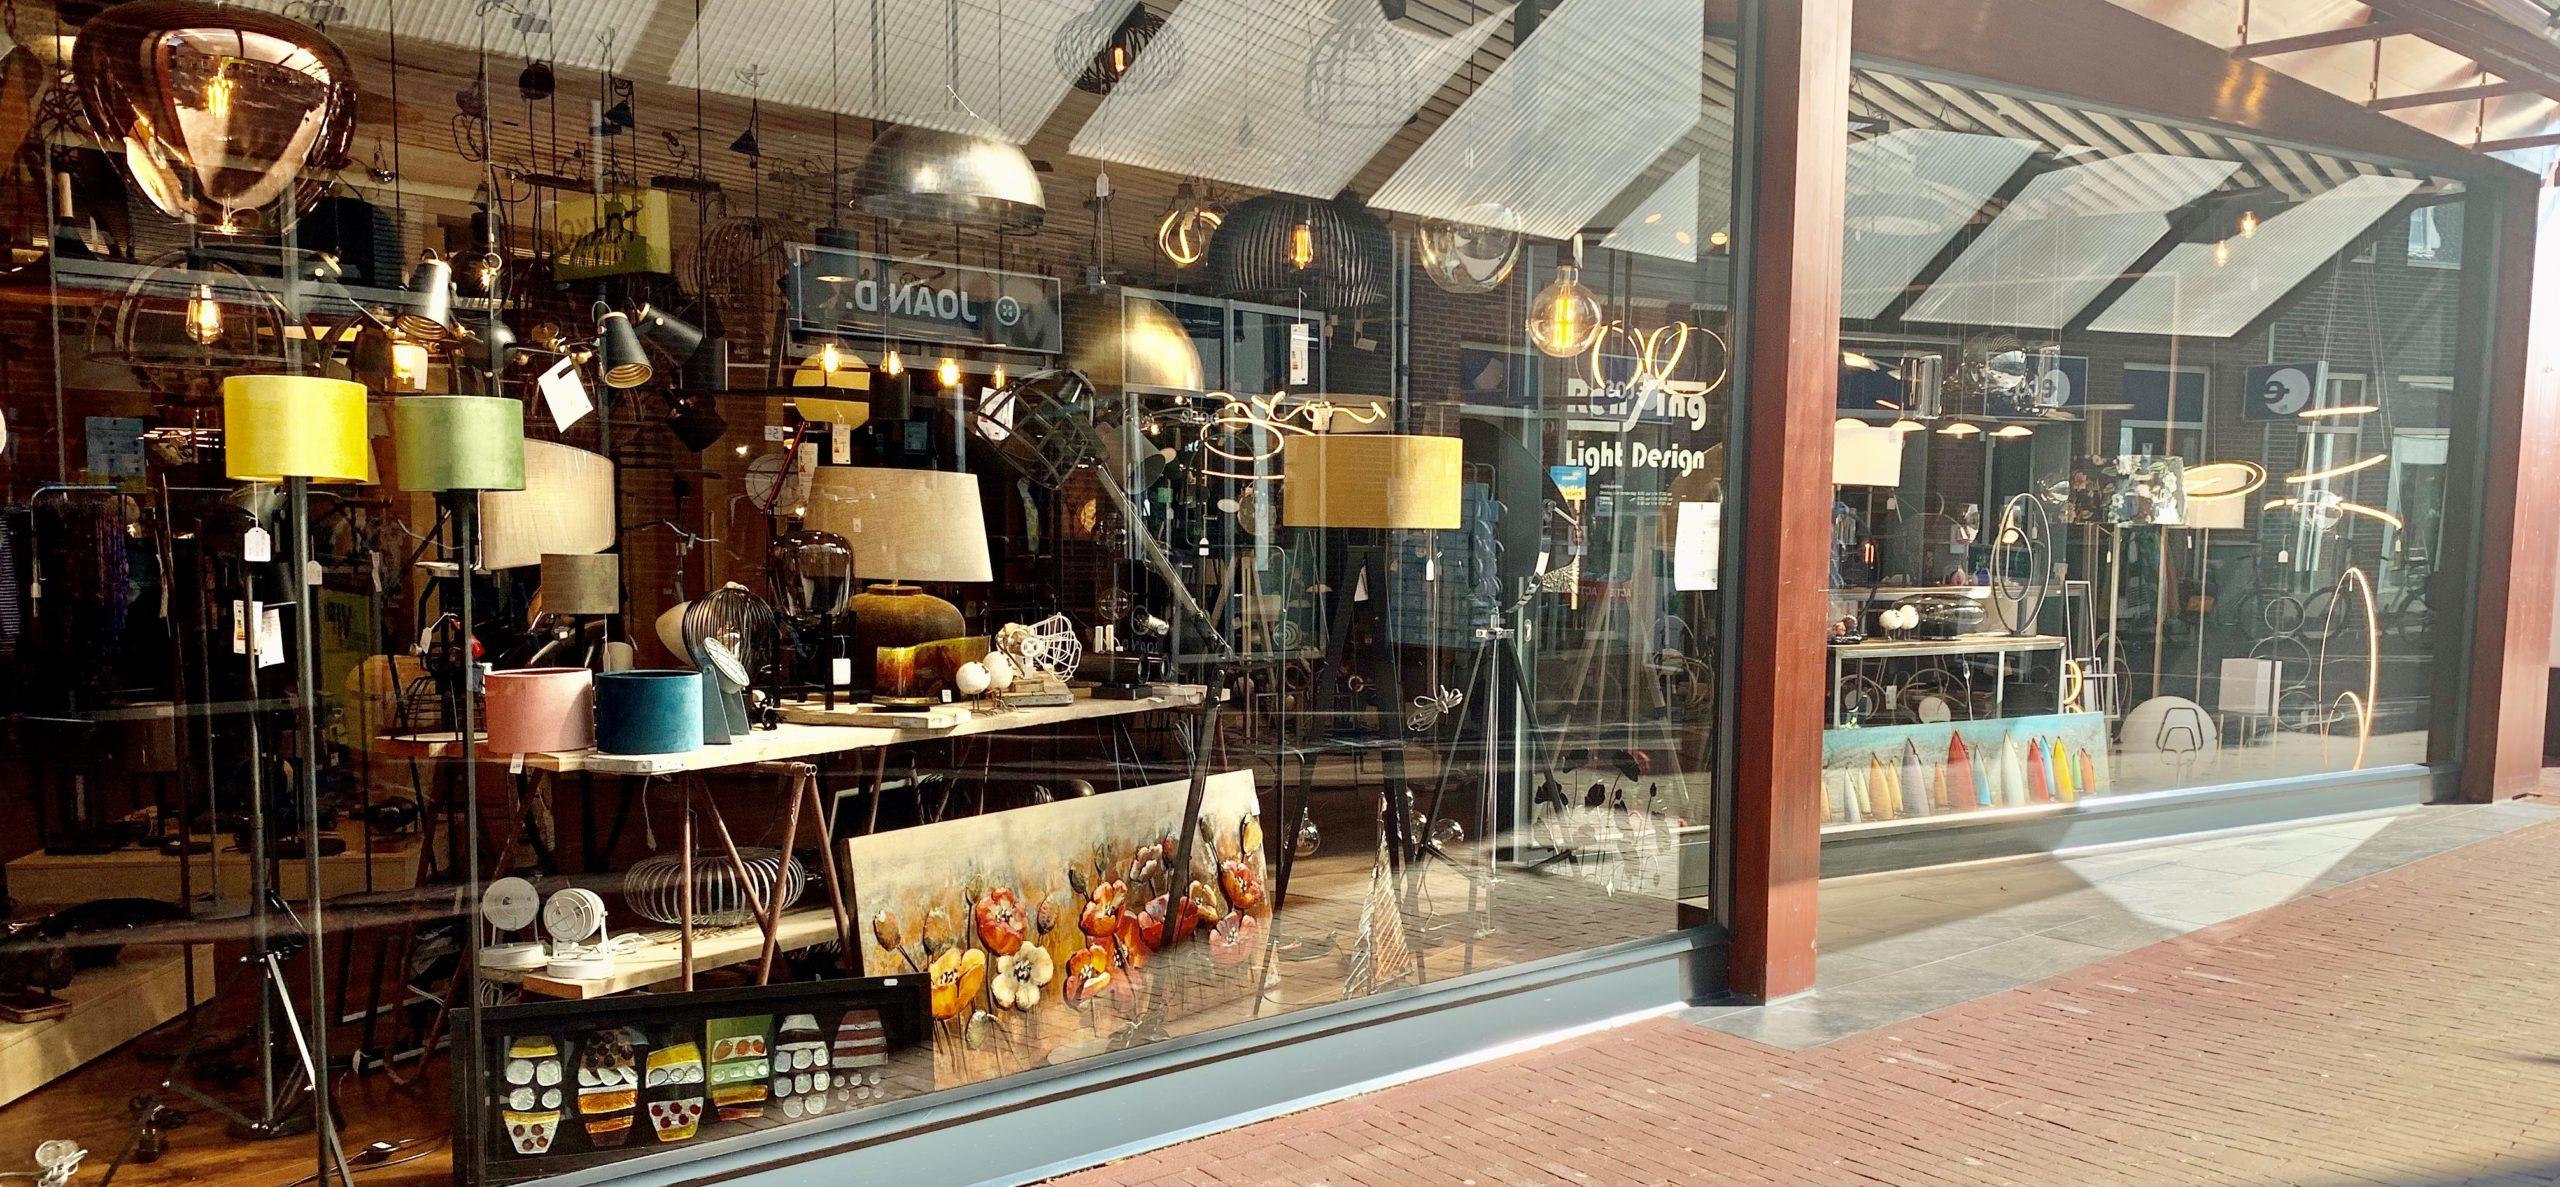 Vooraanzicht van de winkel Rensing Light Design